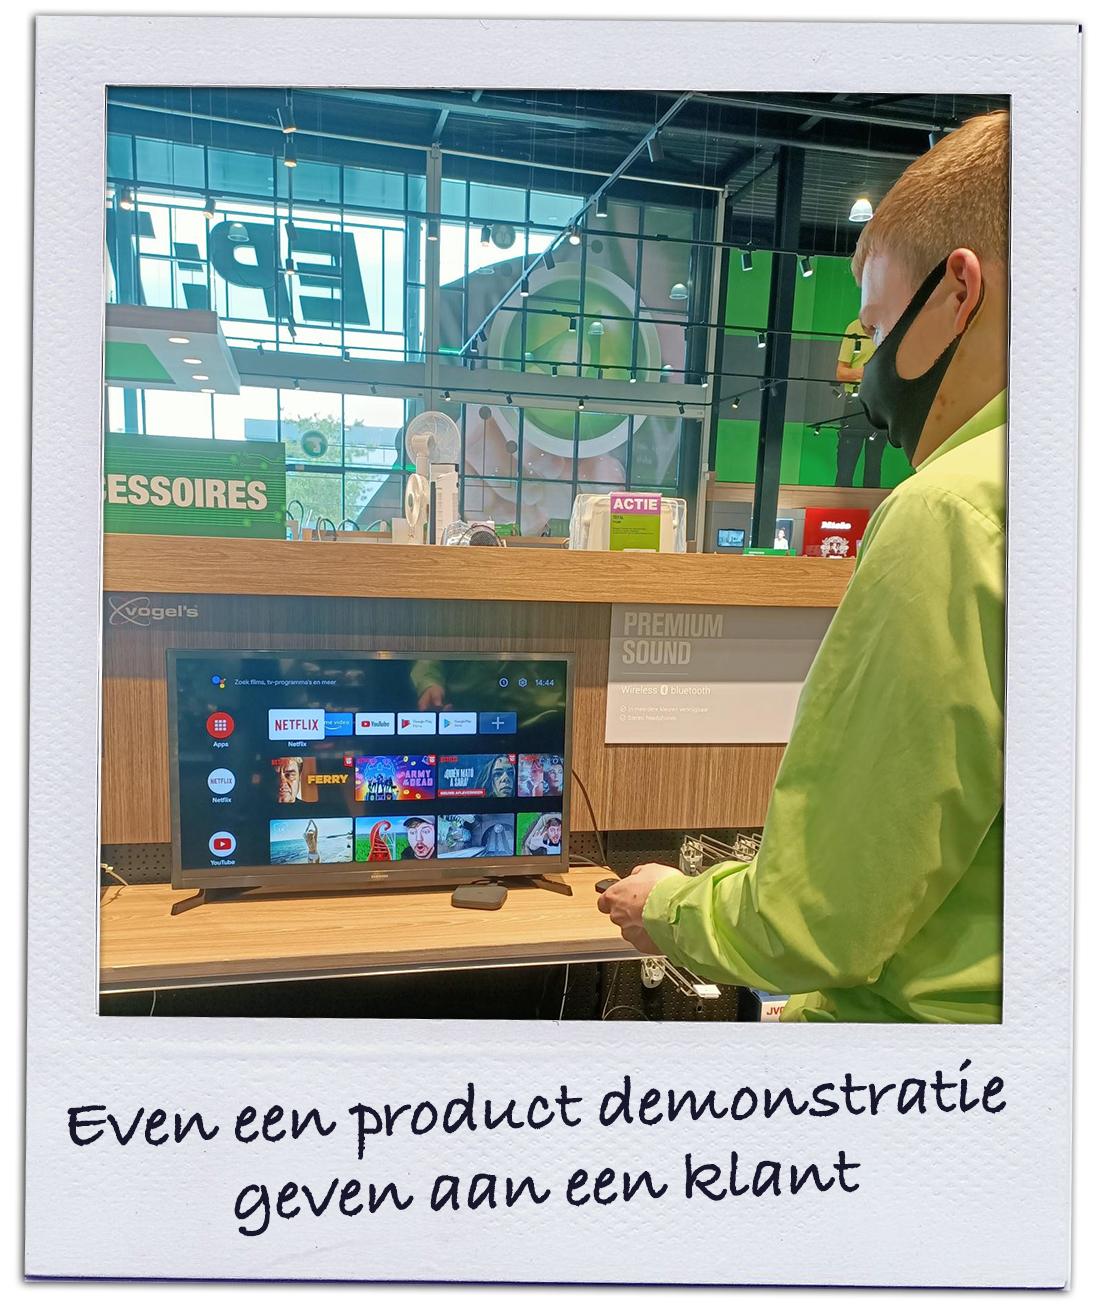 Even een product demonstratie geven aan een klant